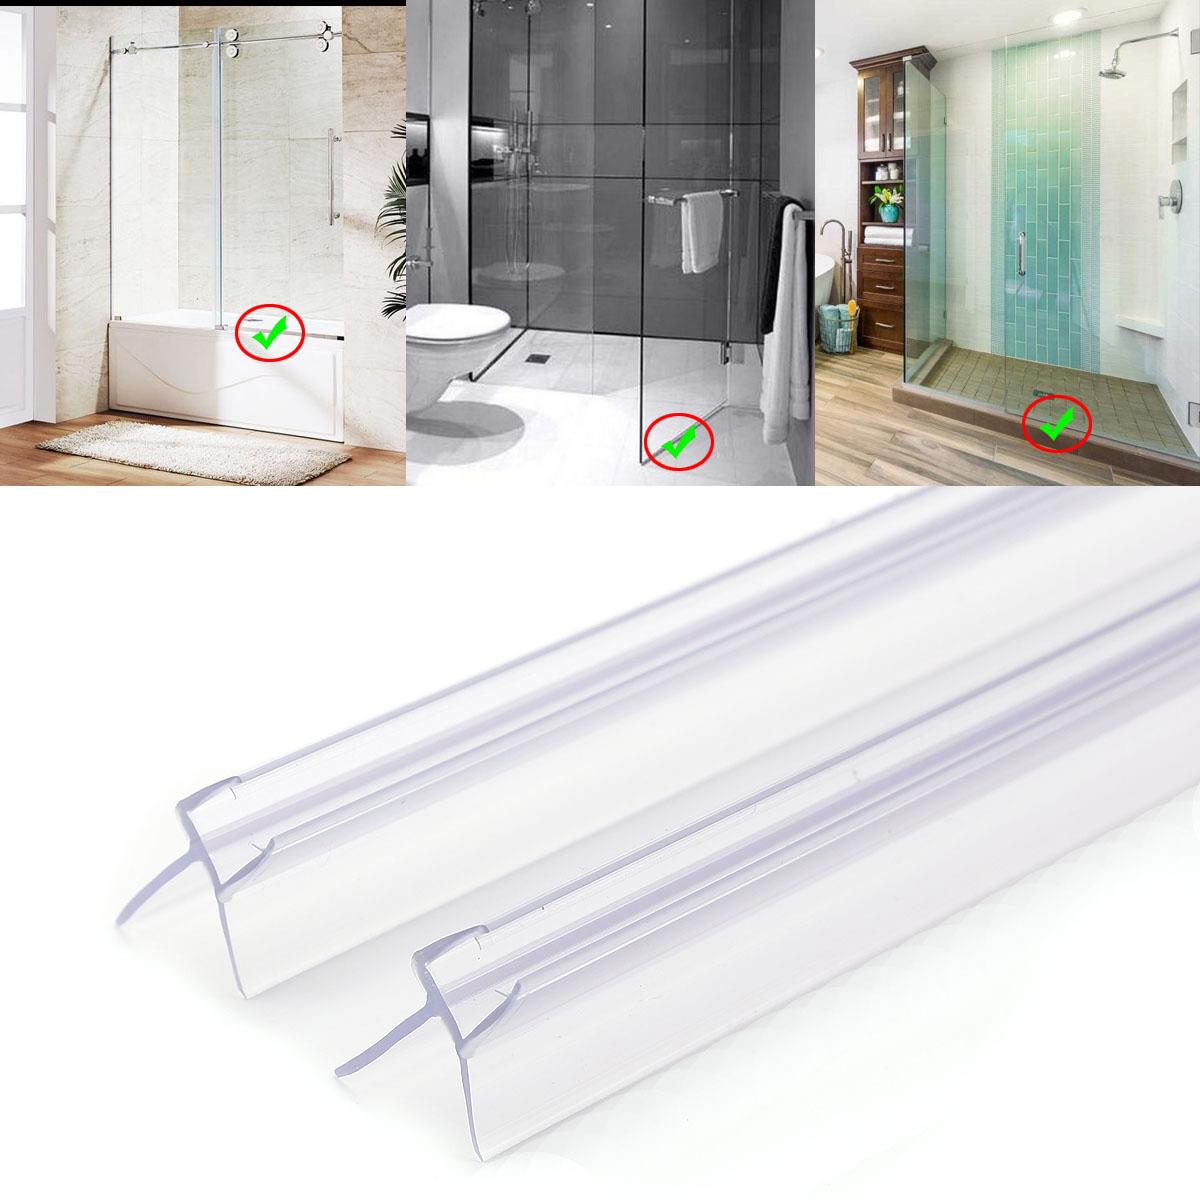 2x l 90cm joint d 39 tanch it pvc pour porte de douche verre pai 6mm 8mm ebay. Black Bedroom Furniture Sets. Home Design Ideas